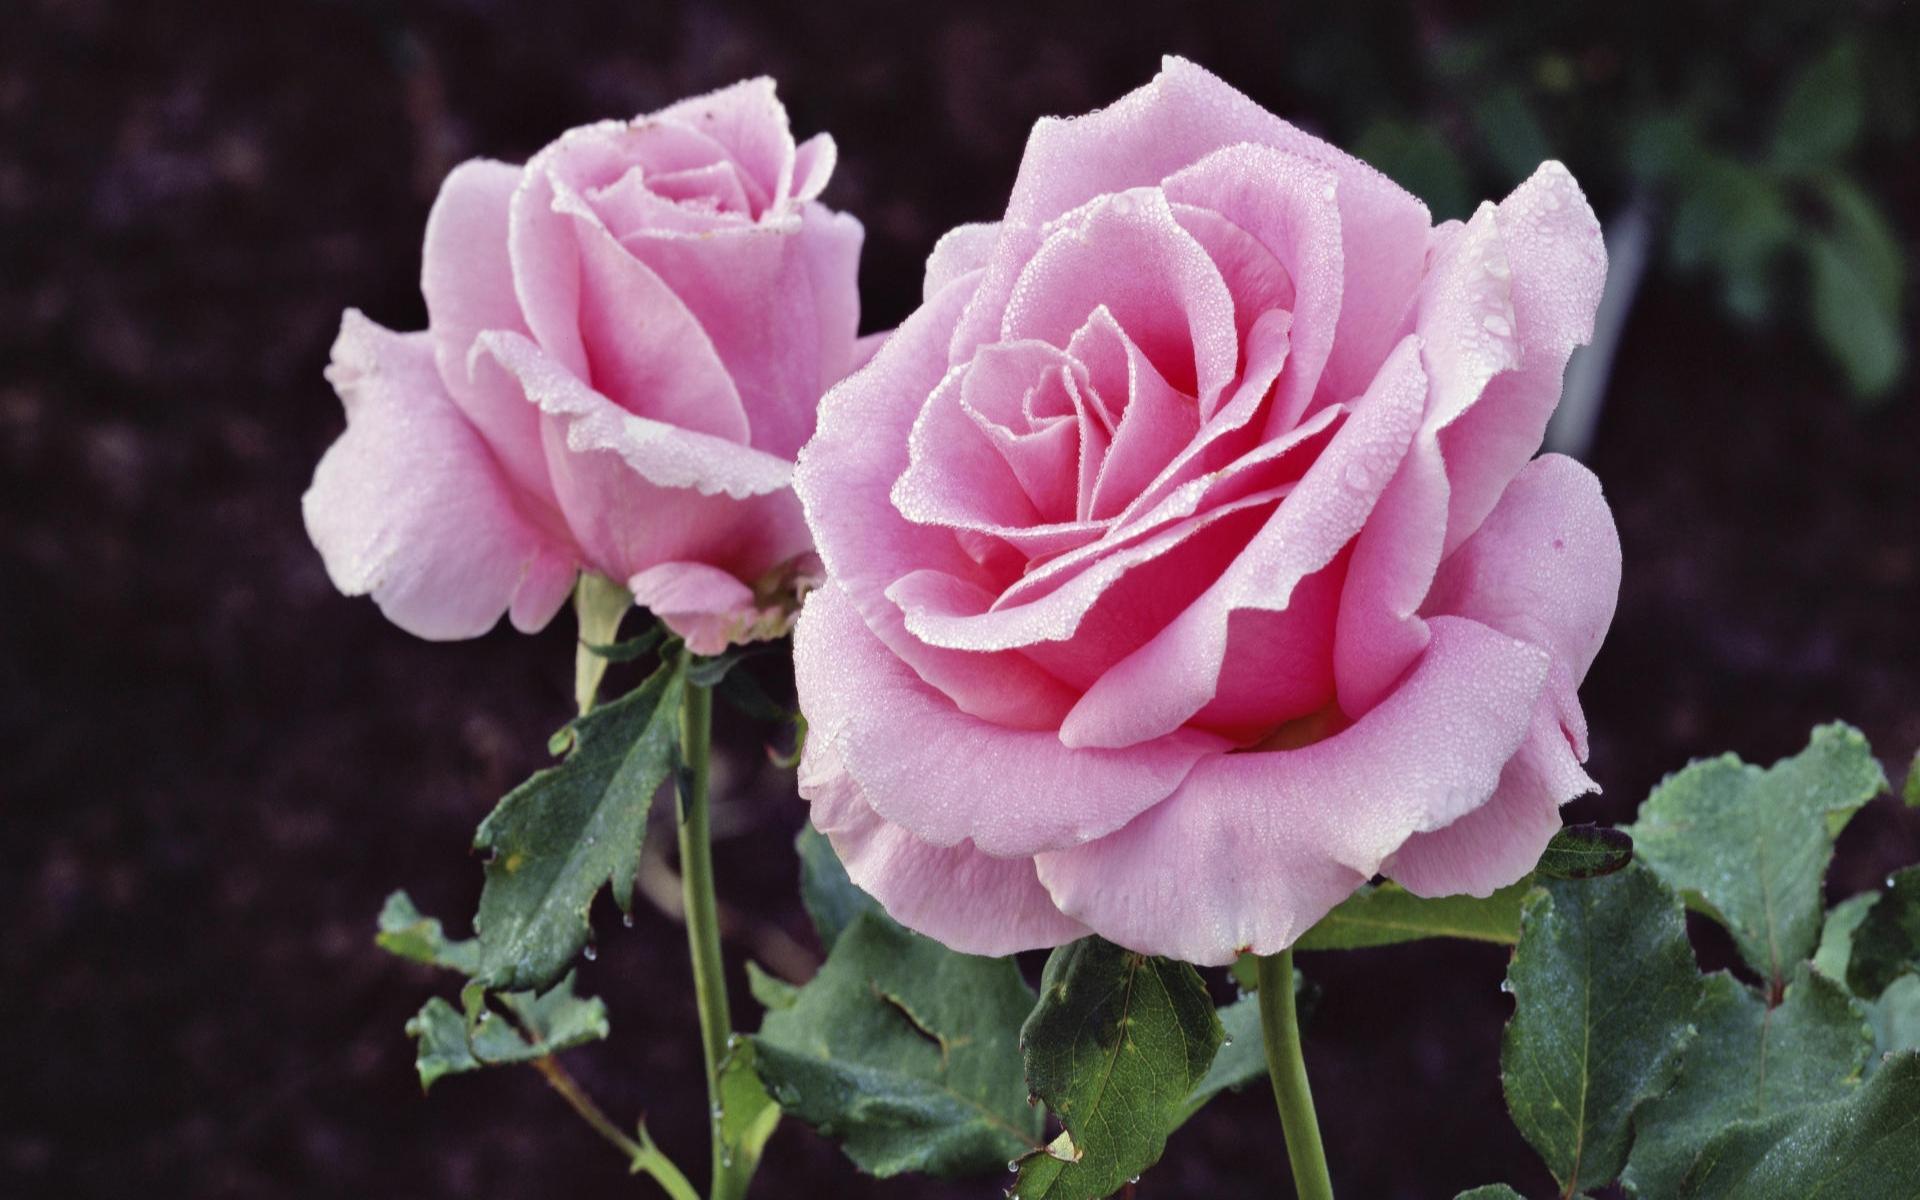 Fond ecran divers for Fond ecran rose